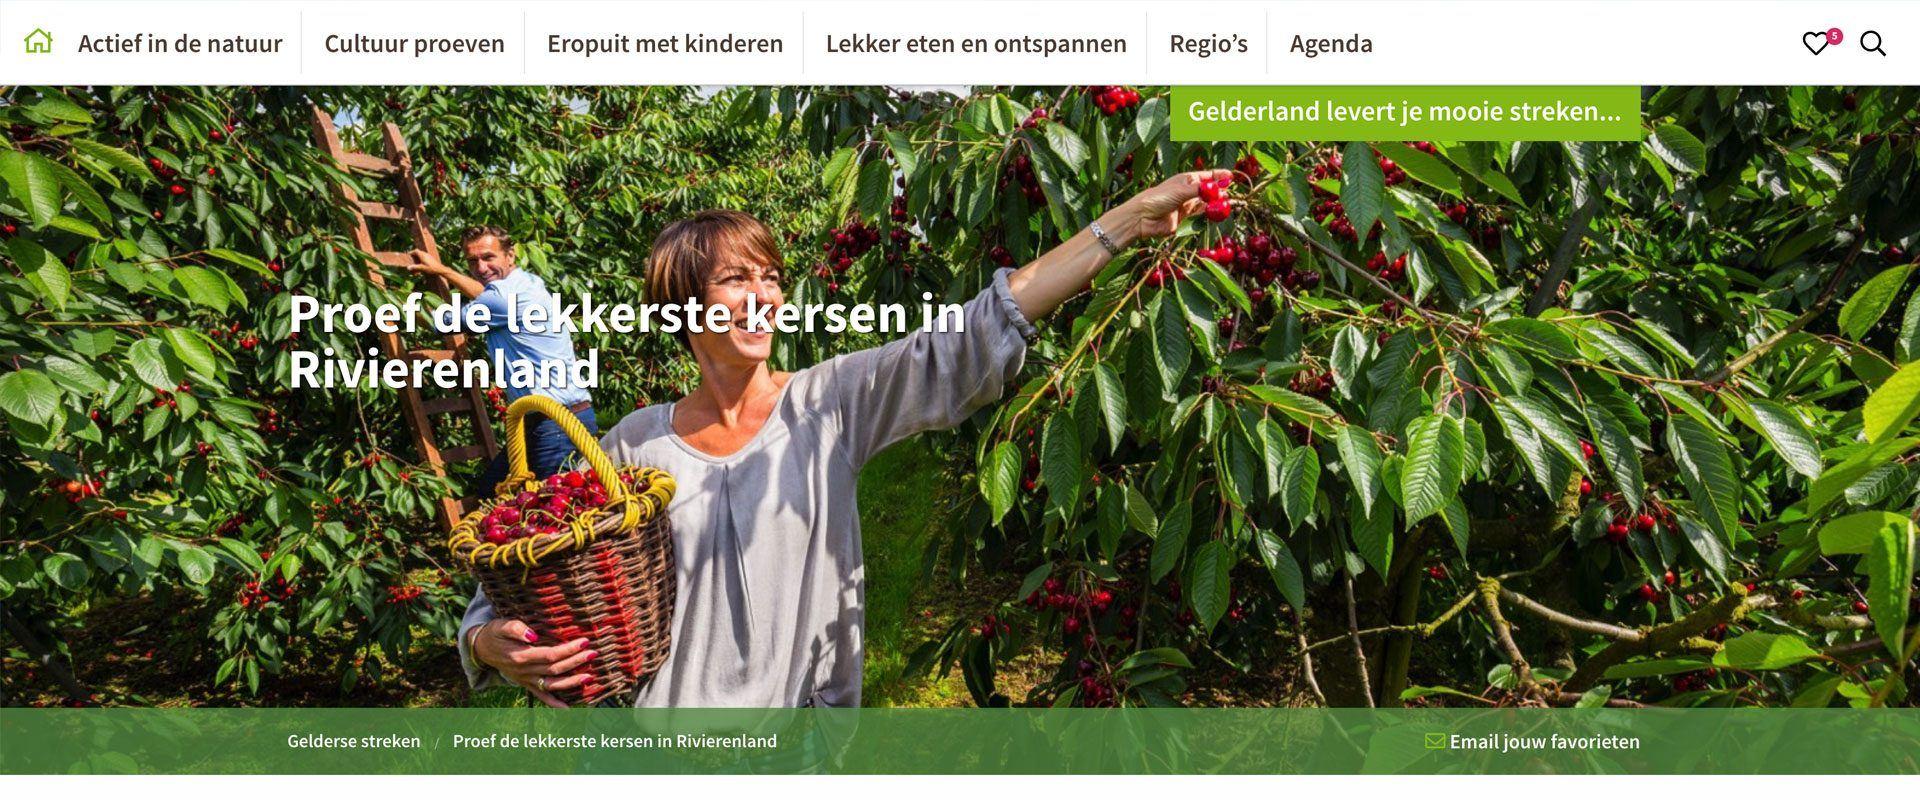 WordPress-website-design-8